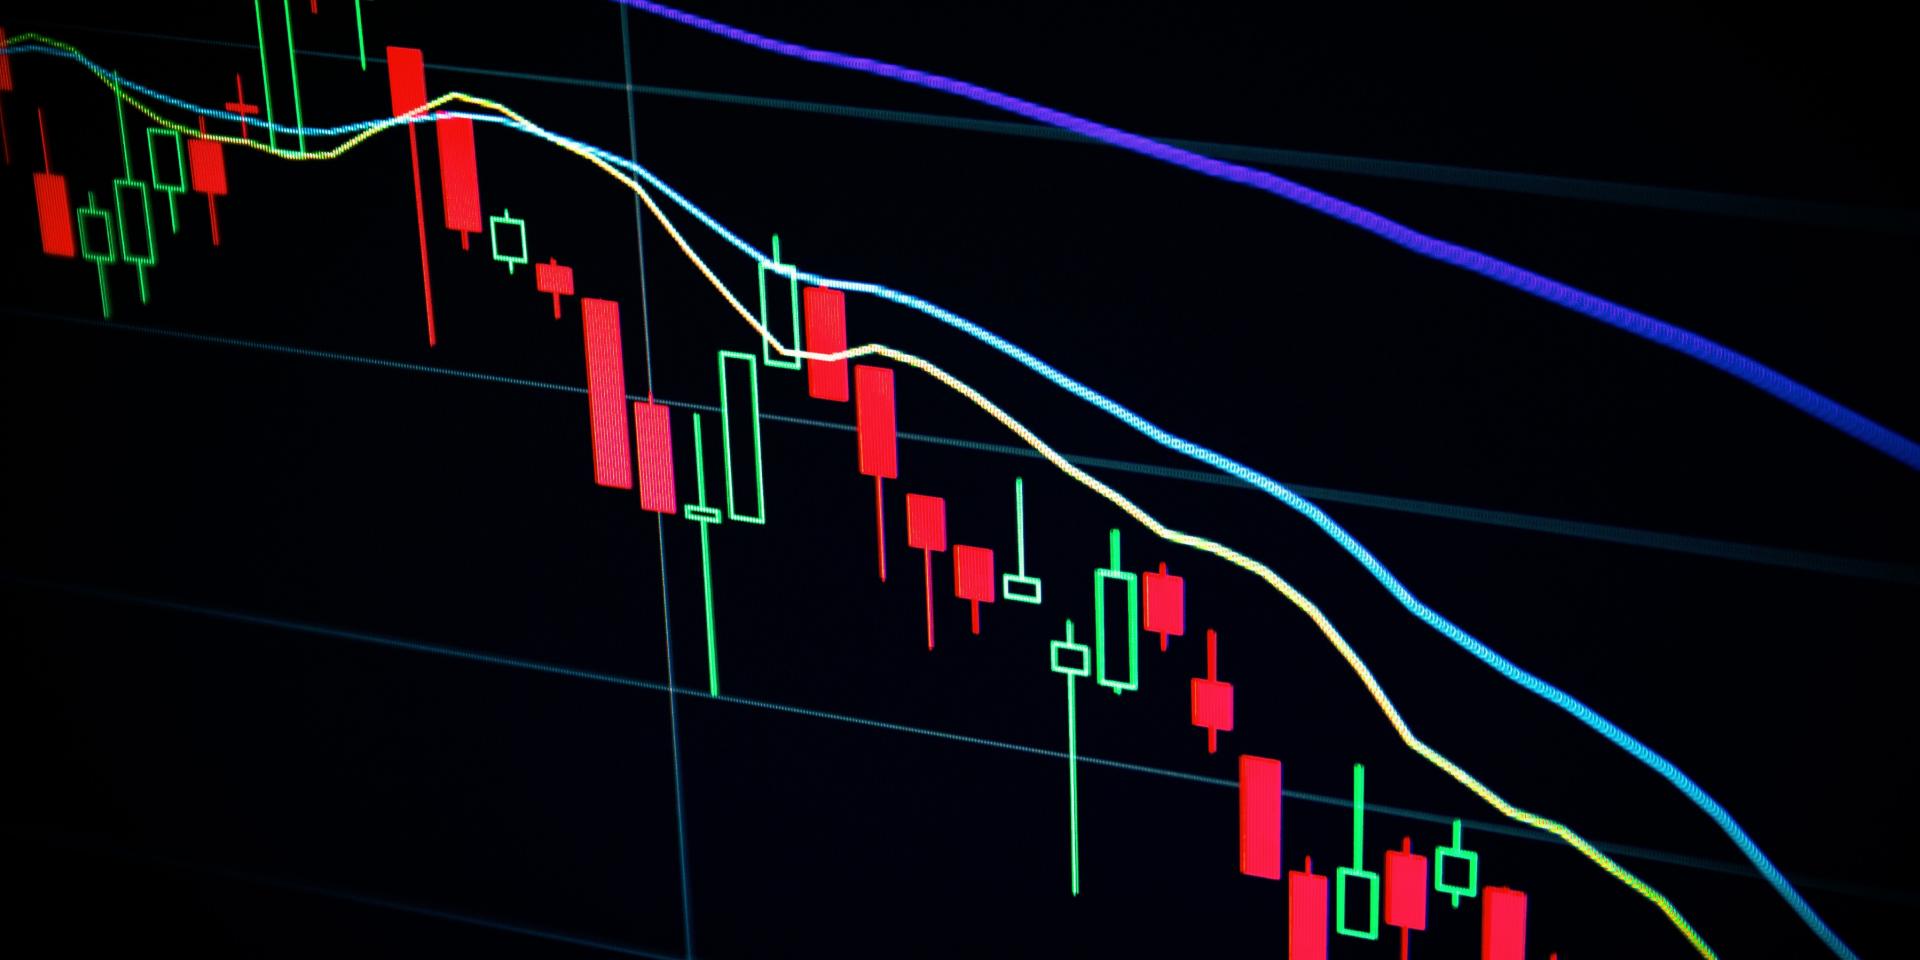 Riskturn: su análisis de inversión y valoración de proyectos